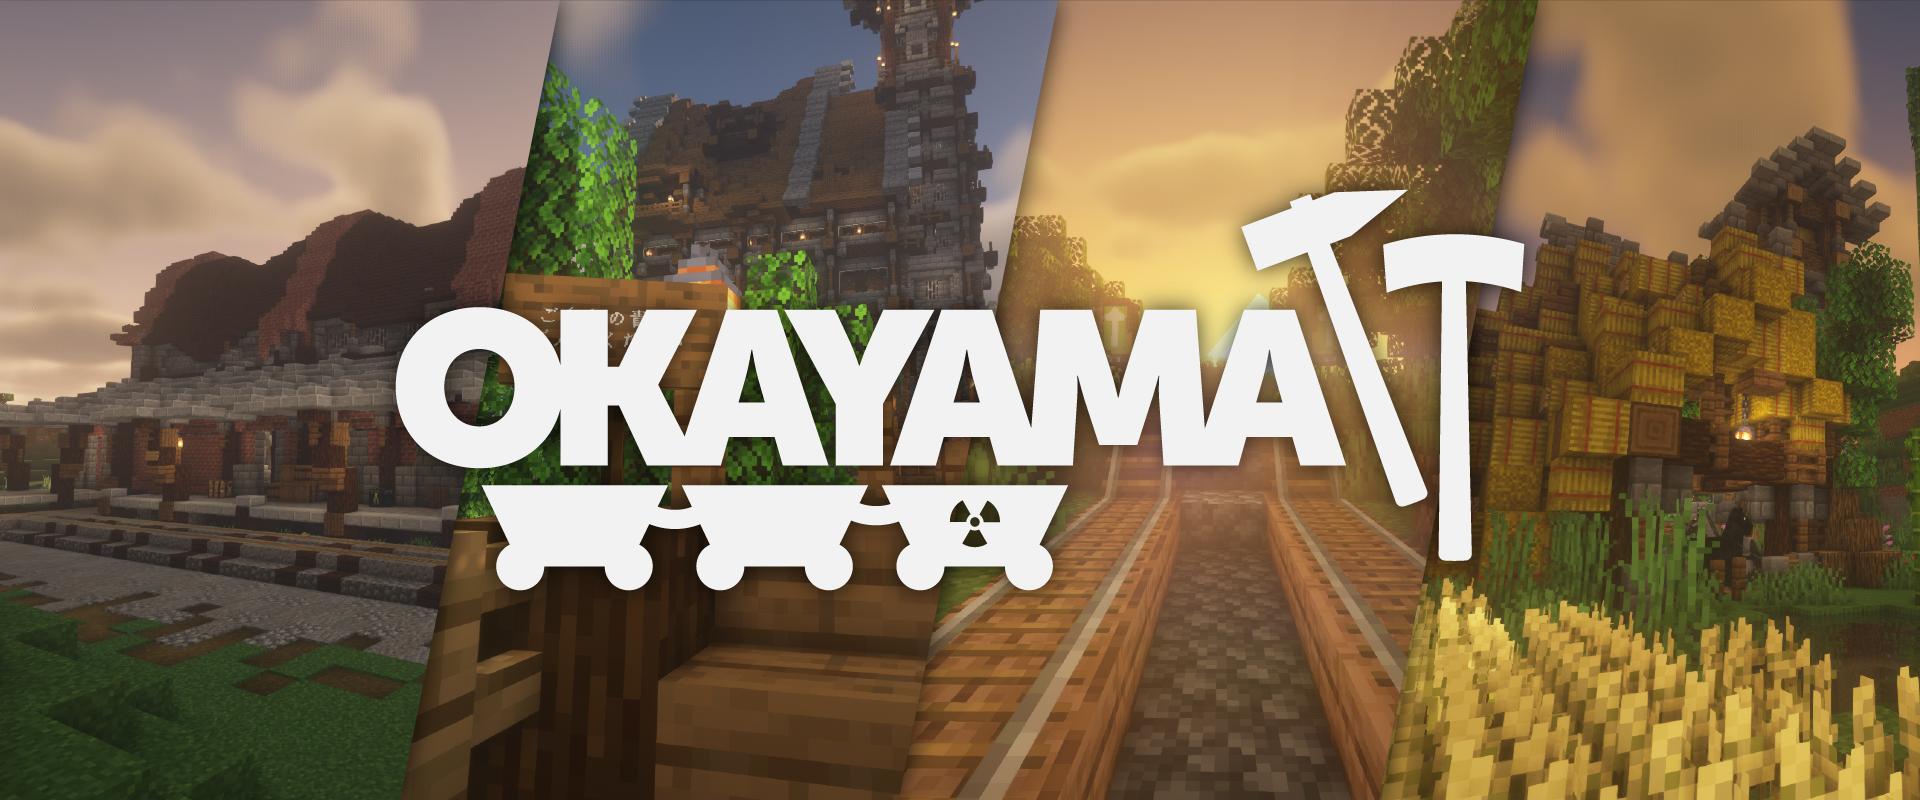 okayama-banner.png